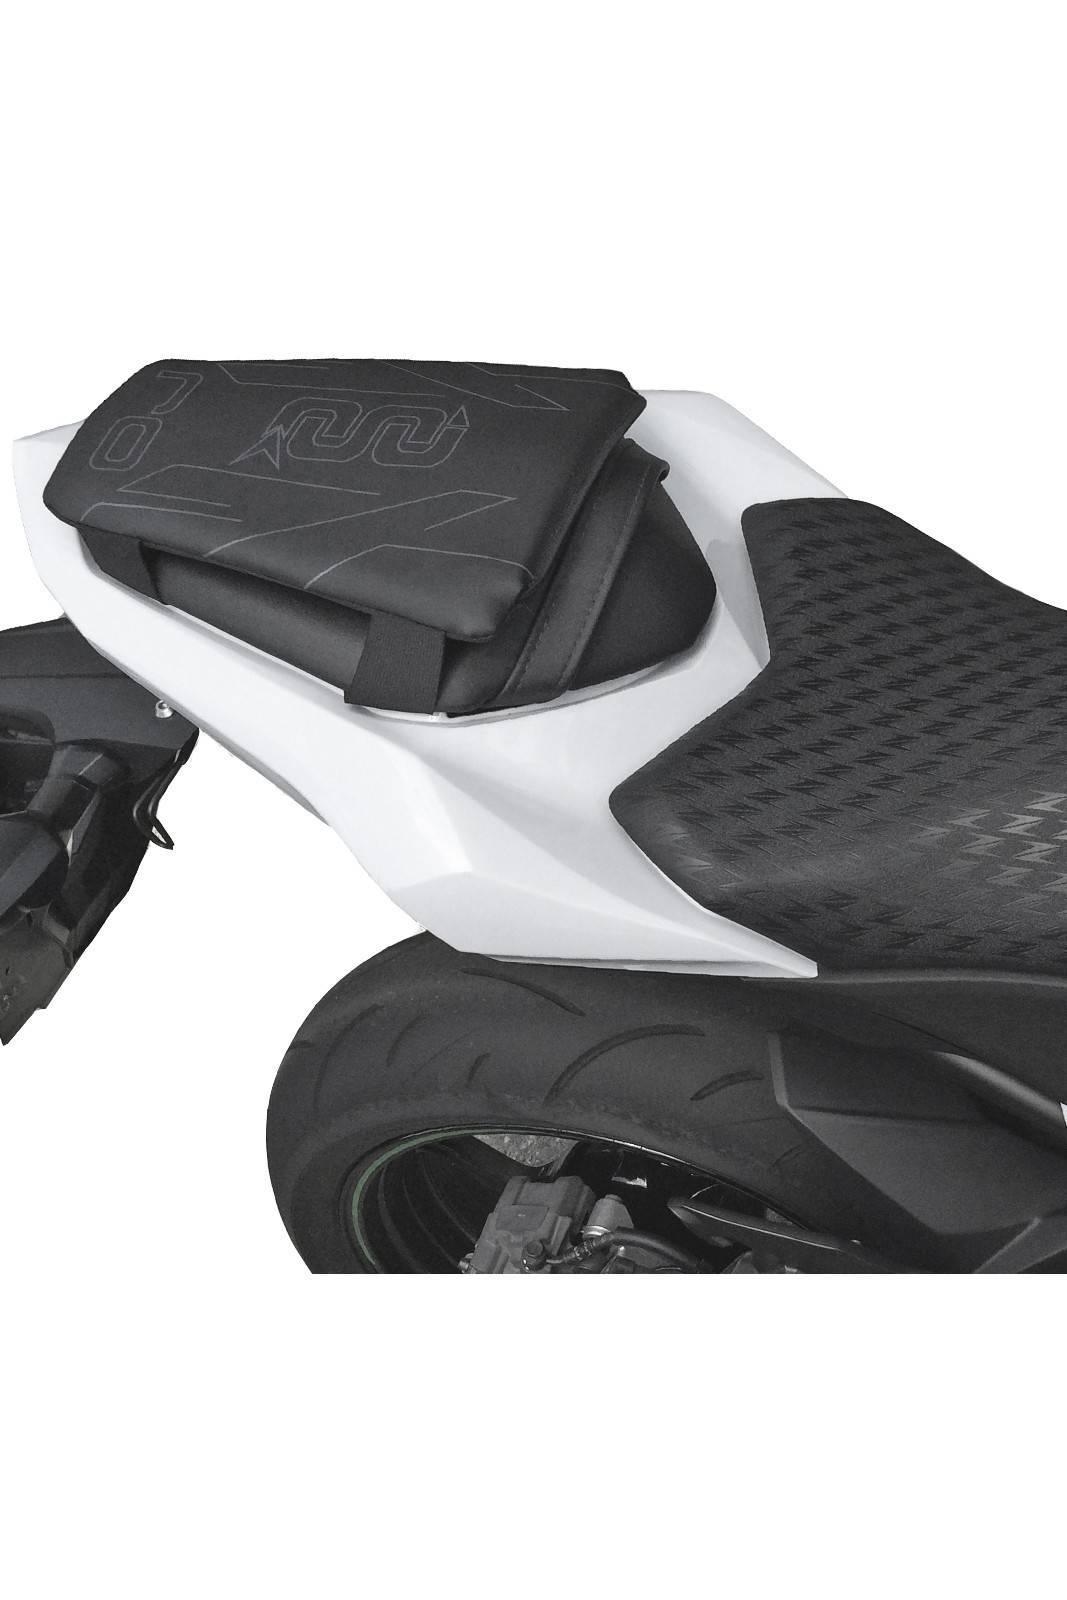 Oj Coussin Comfort Motocyclette Pour De Additionnel Siège lFcJK1